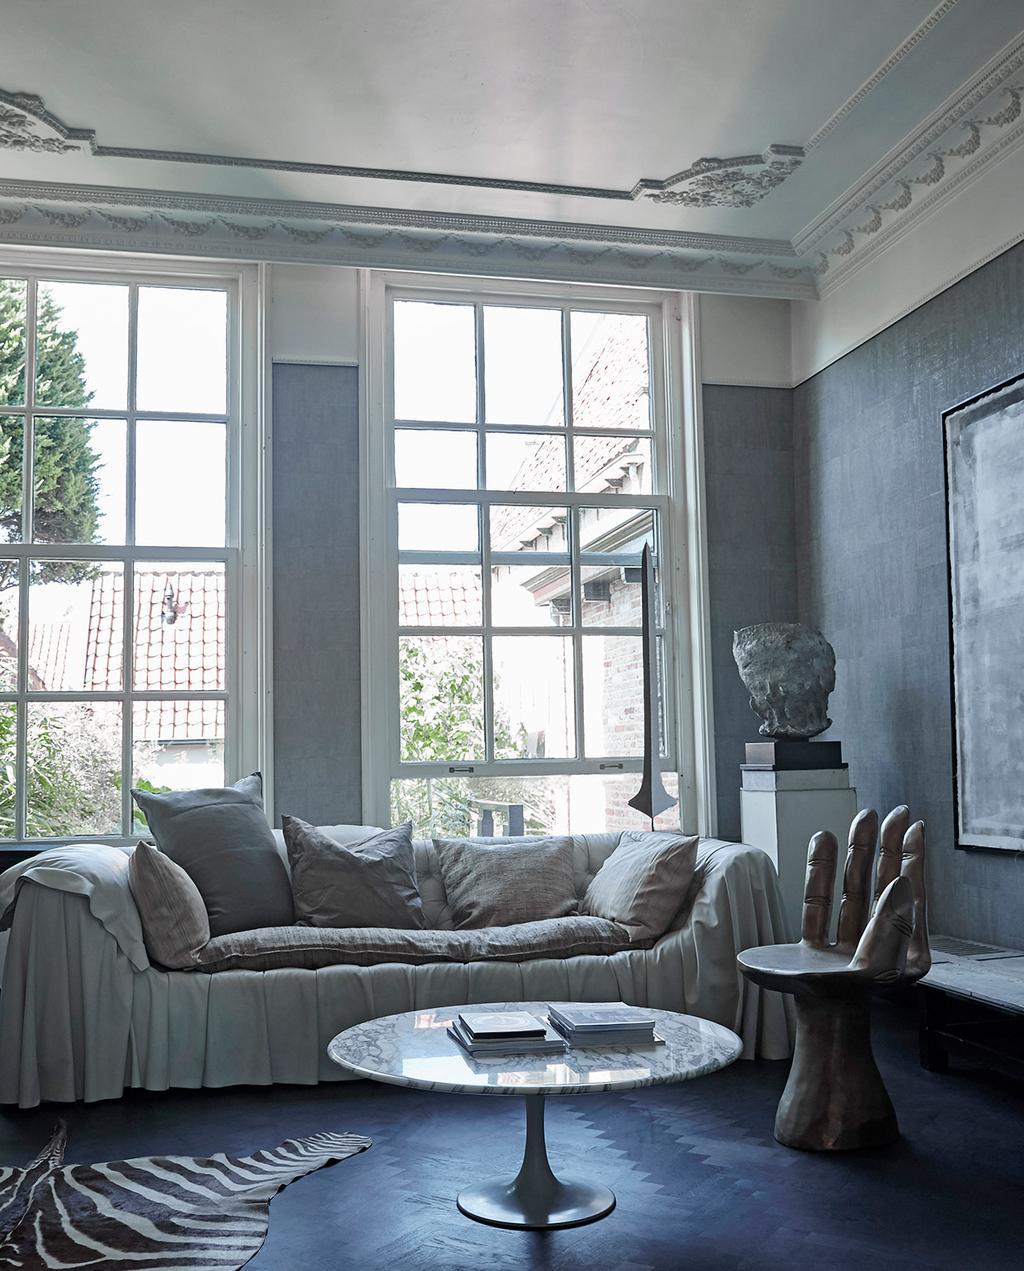 vtwonen 02-2021 | zwart wit interieur bank met stoel van hand